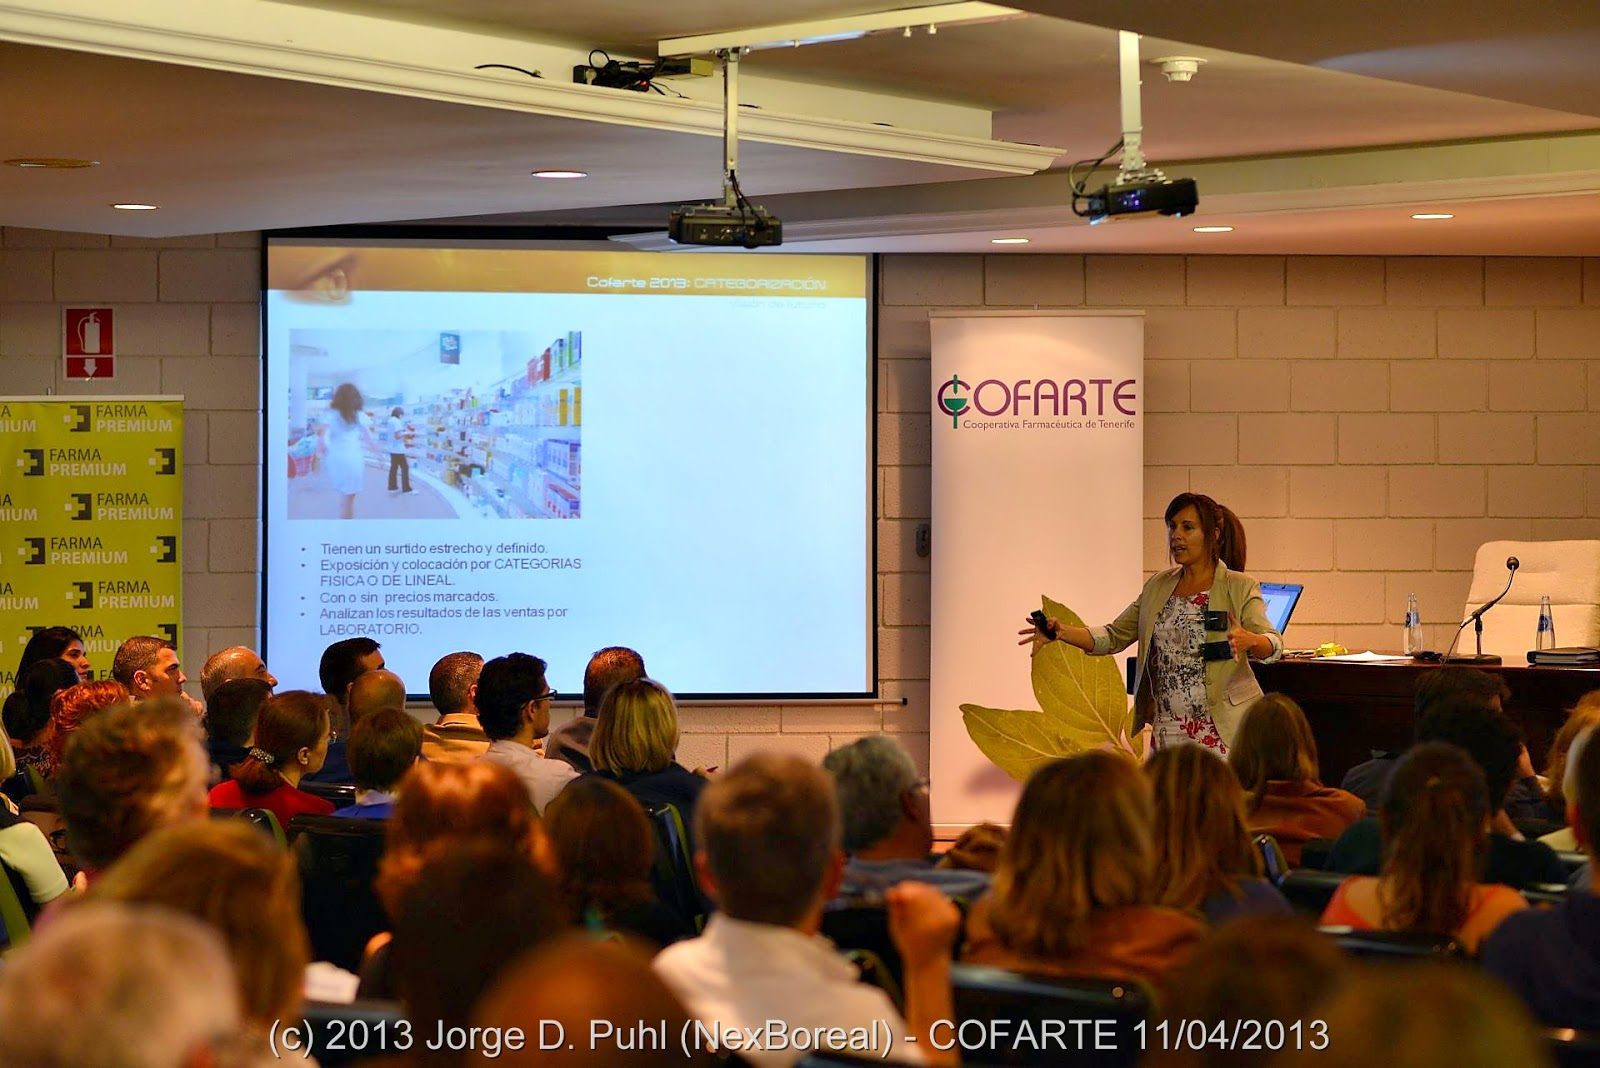 La jornada Cofarte 2013: visión de futuro destacó la importancia de la gestión por categorías para el desarrollo presente y furo de las farmacias como negocios.